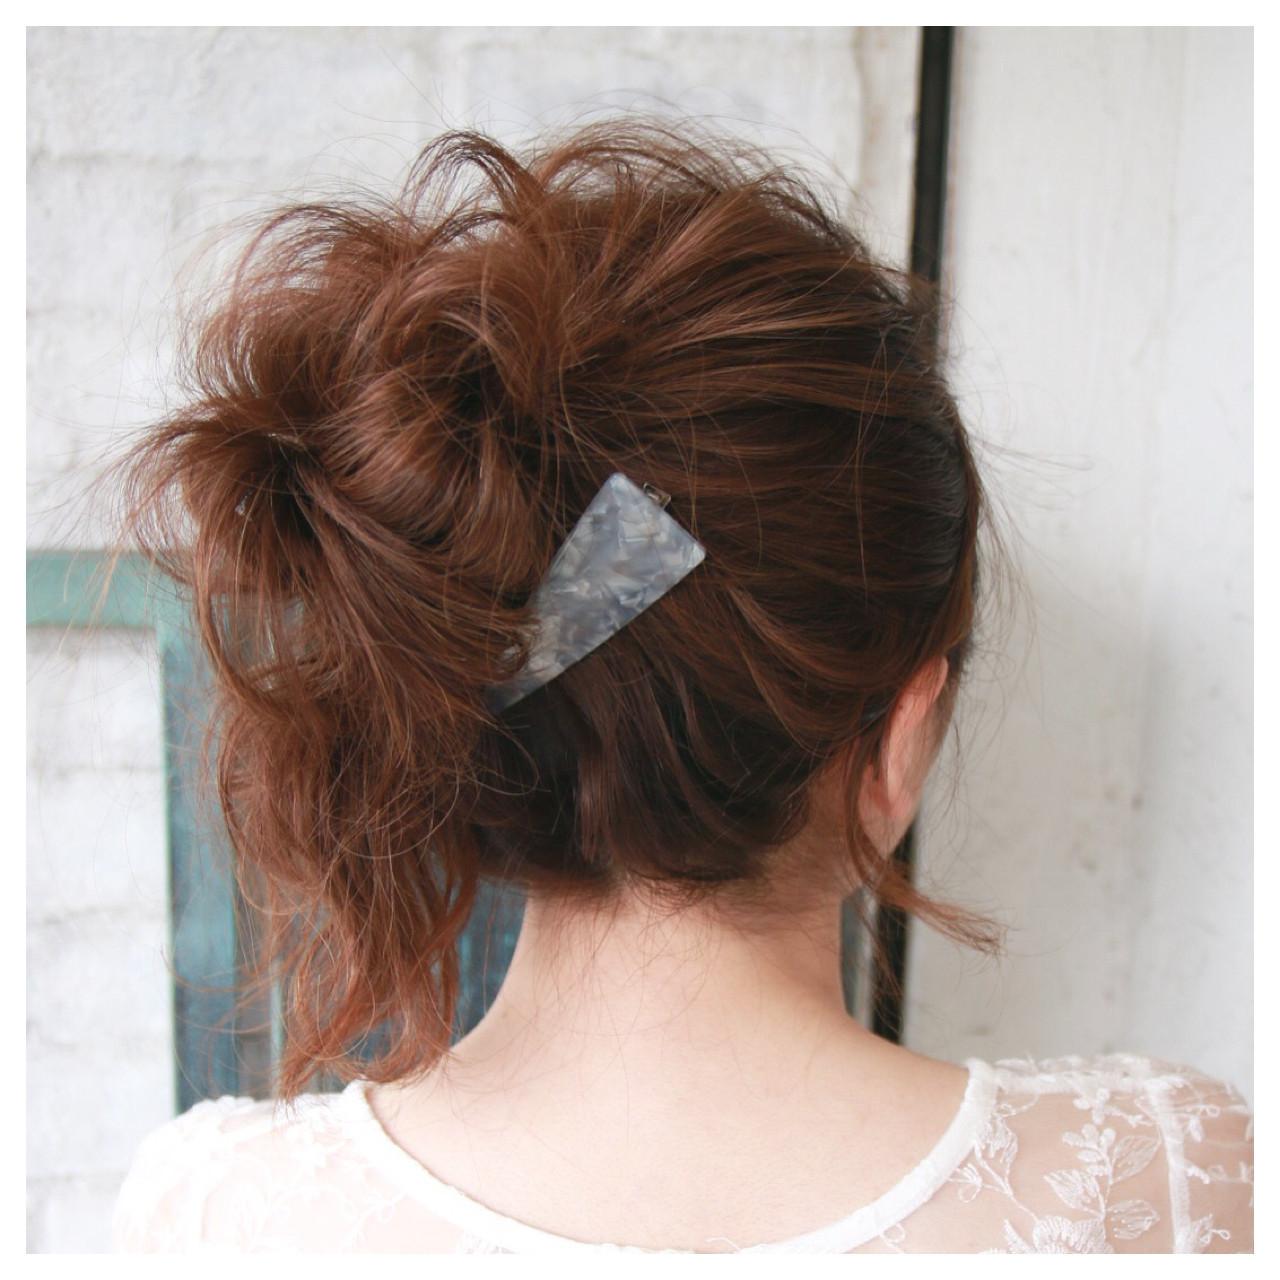 お団子 春 フェミニン ヘアアレンジ ヘアスタイルや髪型の写真・画像